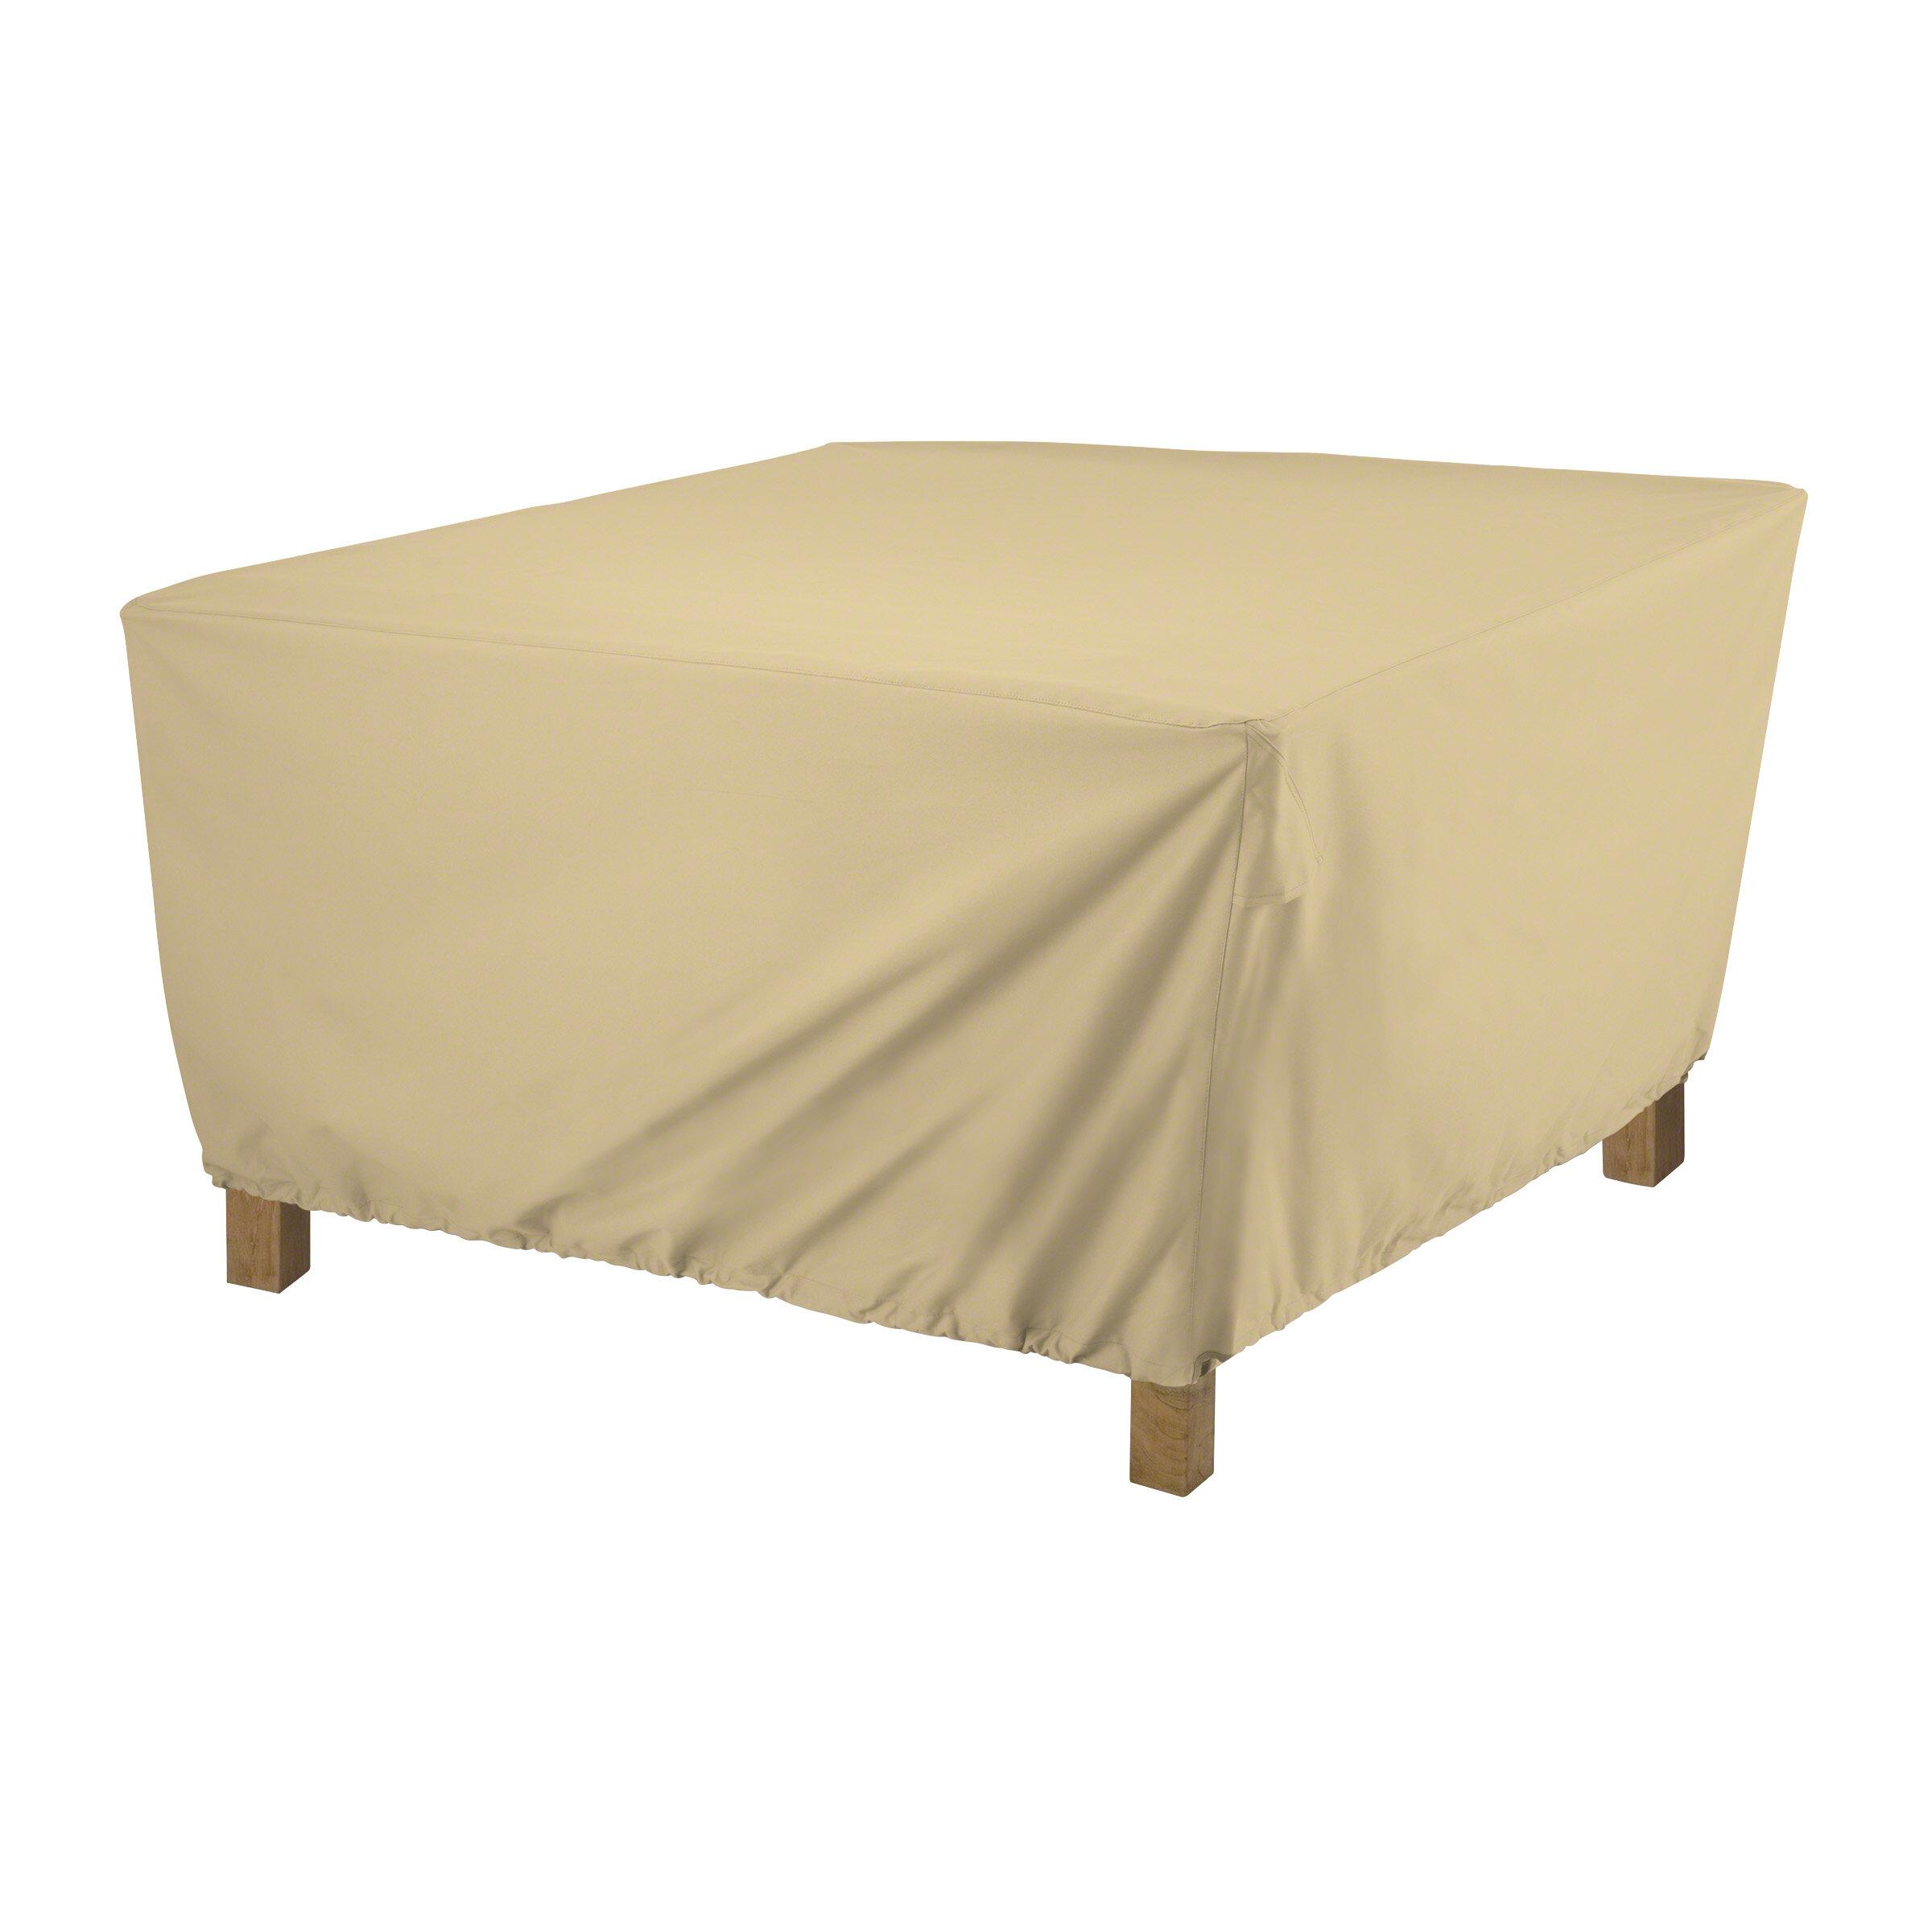 terrazzo square patio table cover joss main rh jossandmain com small square patio table covers square patio tablecloth